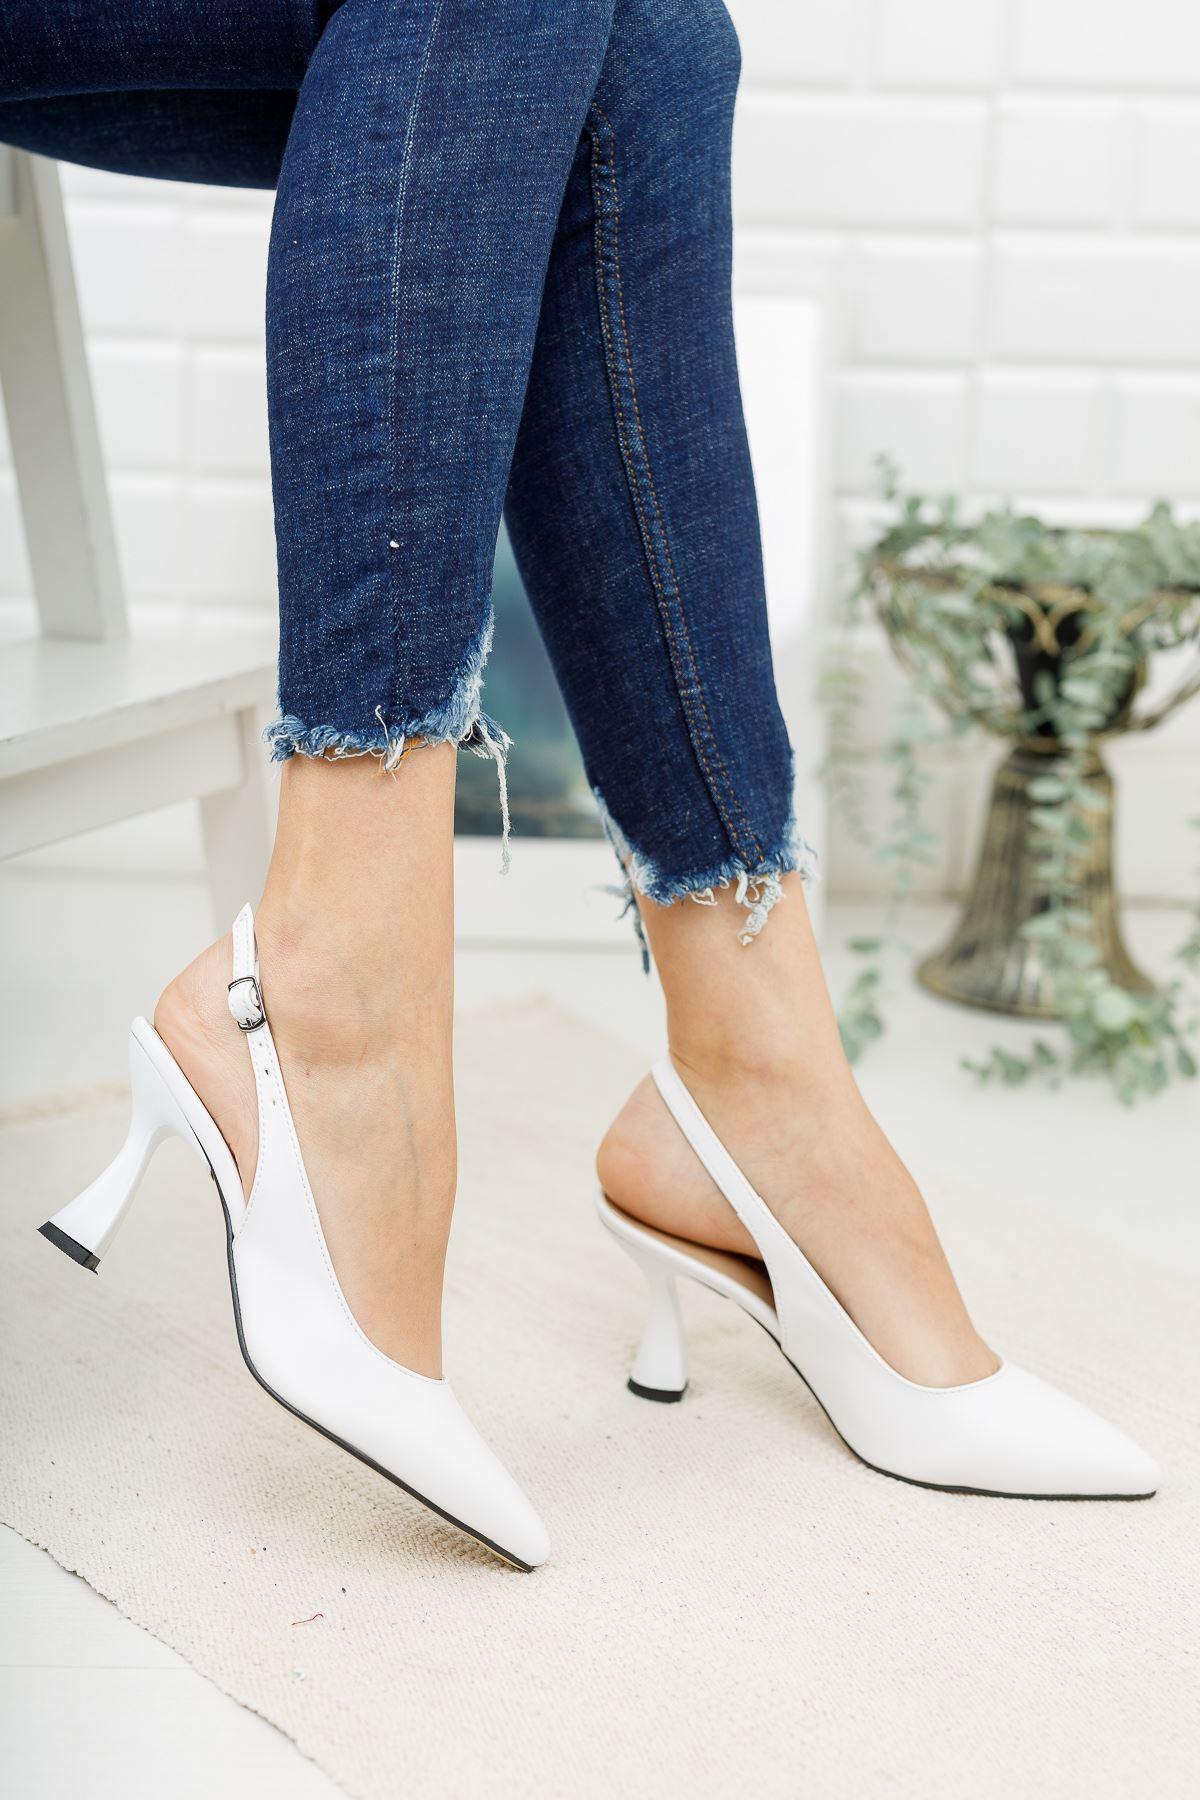 Kadın Ukes Kemer Detaylı Sivri Burun Mat Deri Beyaz Topuklu Ayakkabı